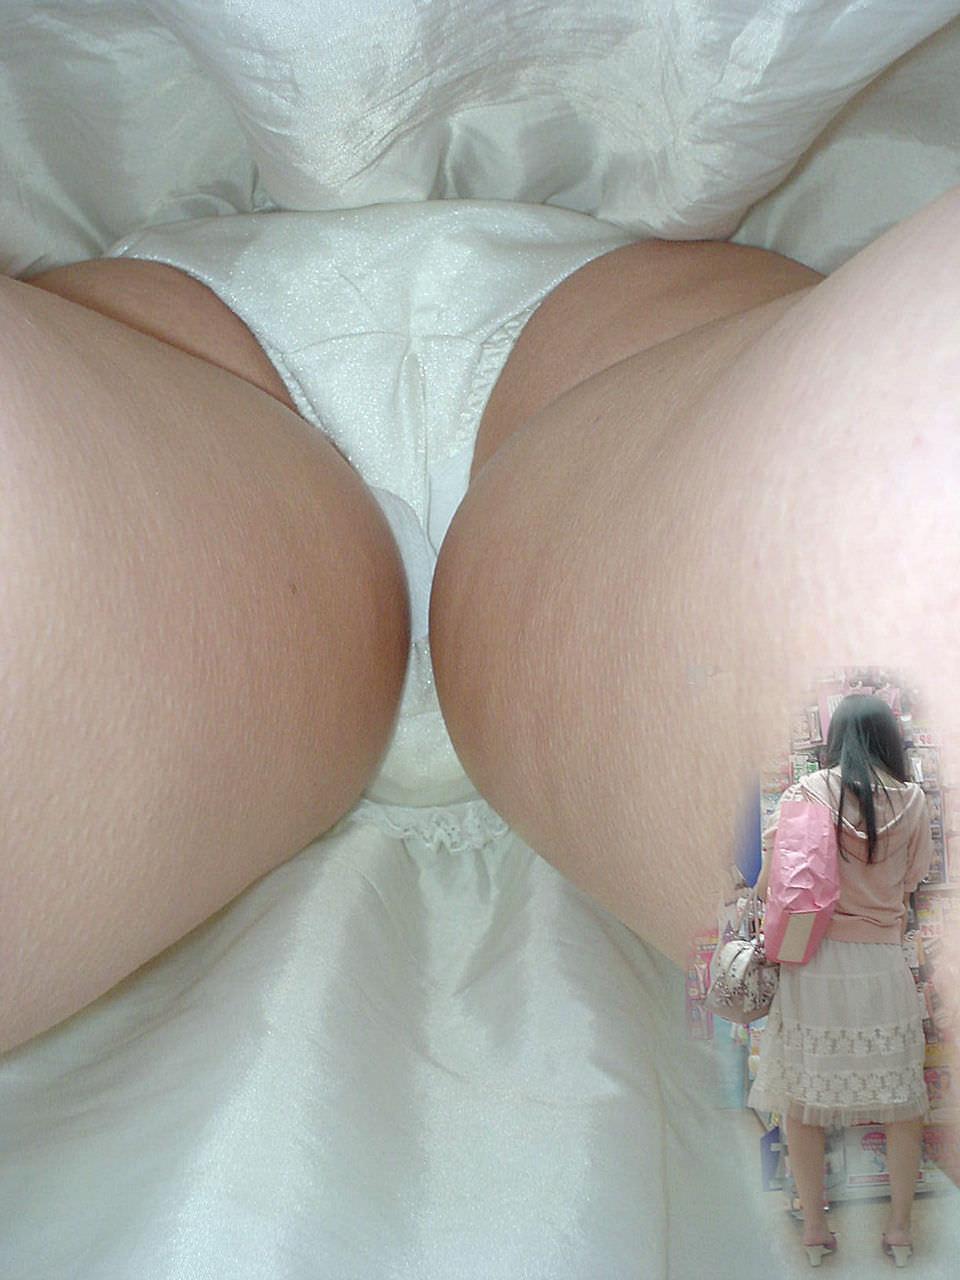 OLや女子大生の私服のスカートの中をパシャリ!!!逆さパンチラのエロさは異常www 2171